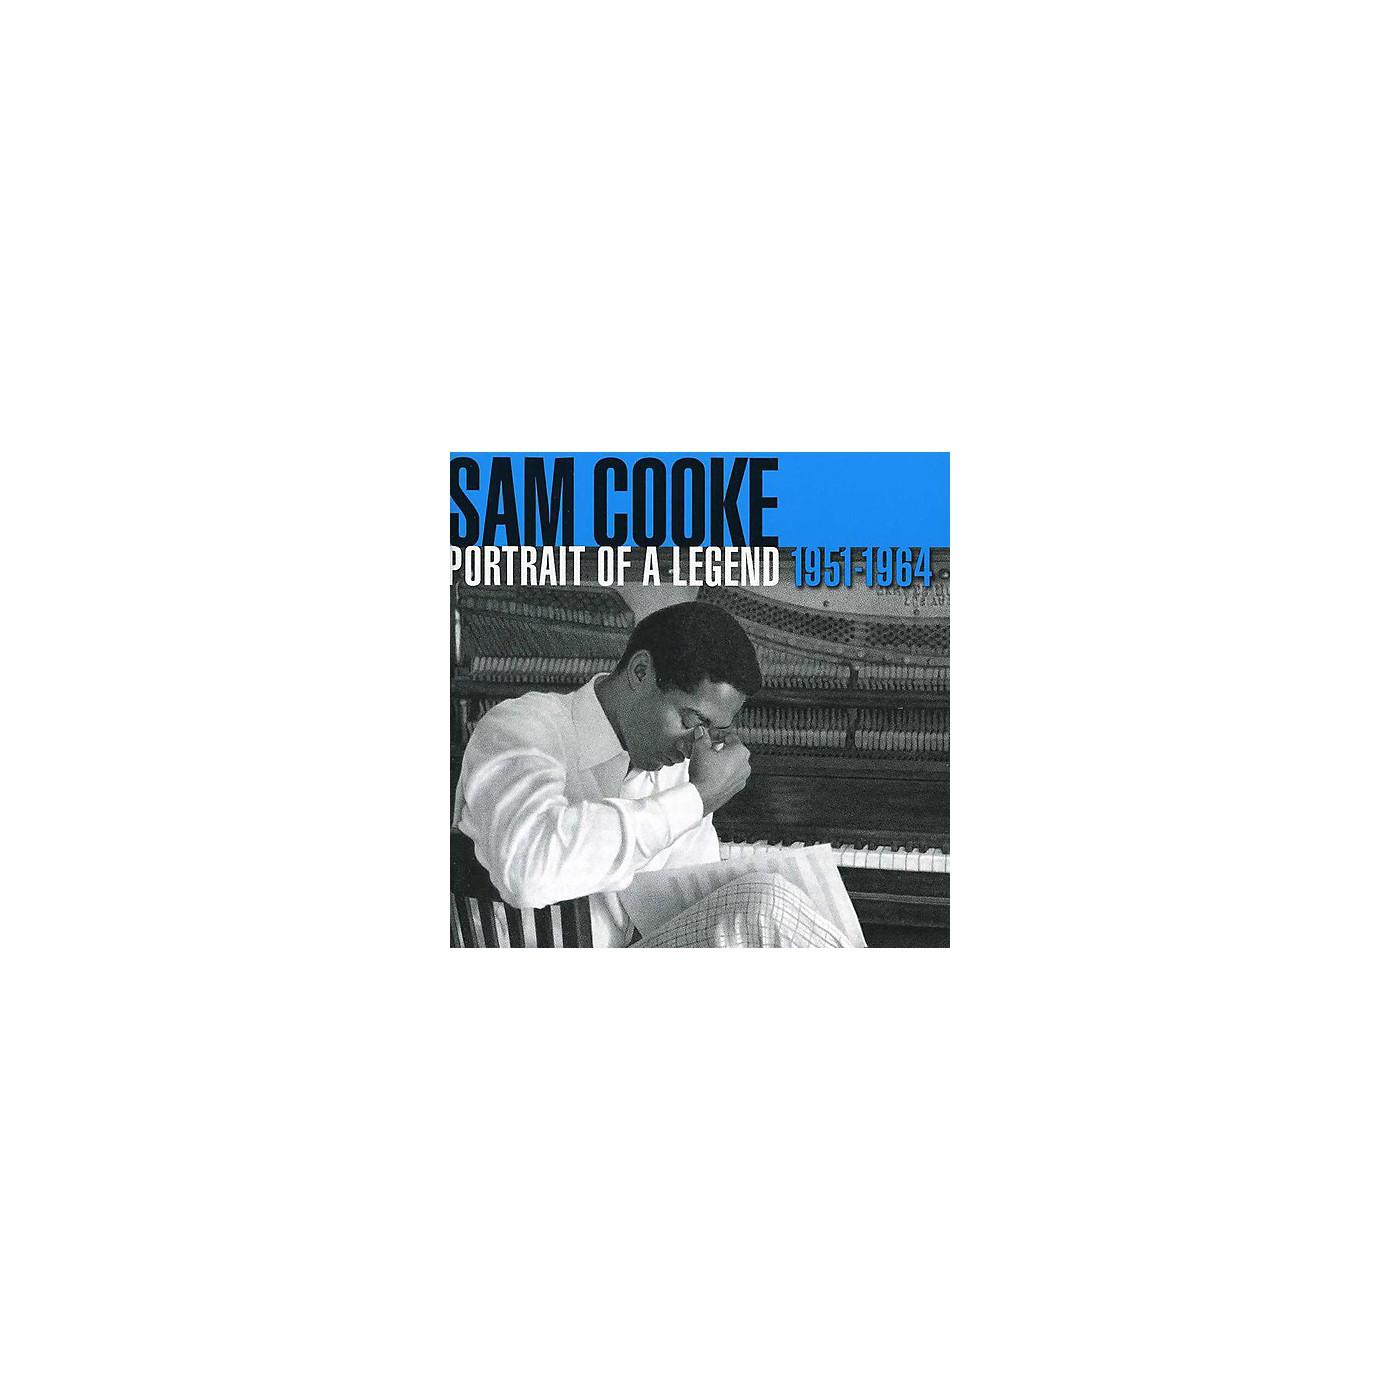 Alliance Sam Cooke - Portrait of a Legend 1951-1964 (CD) thumbnail